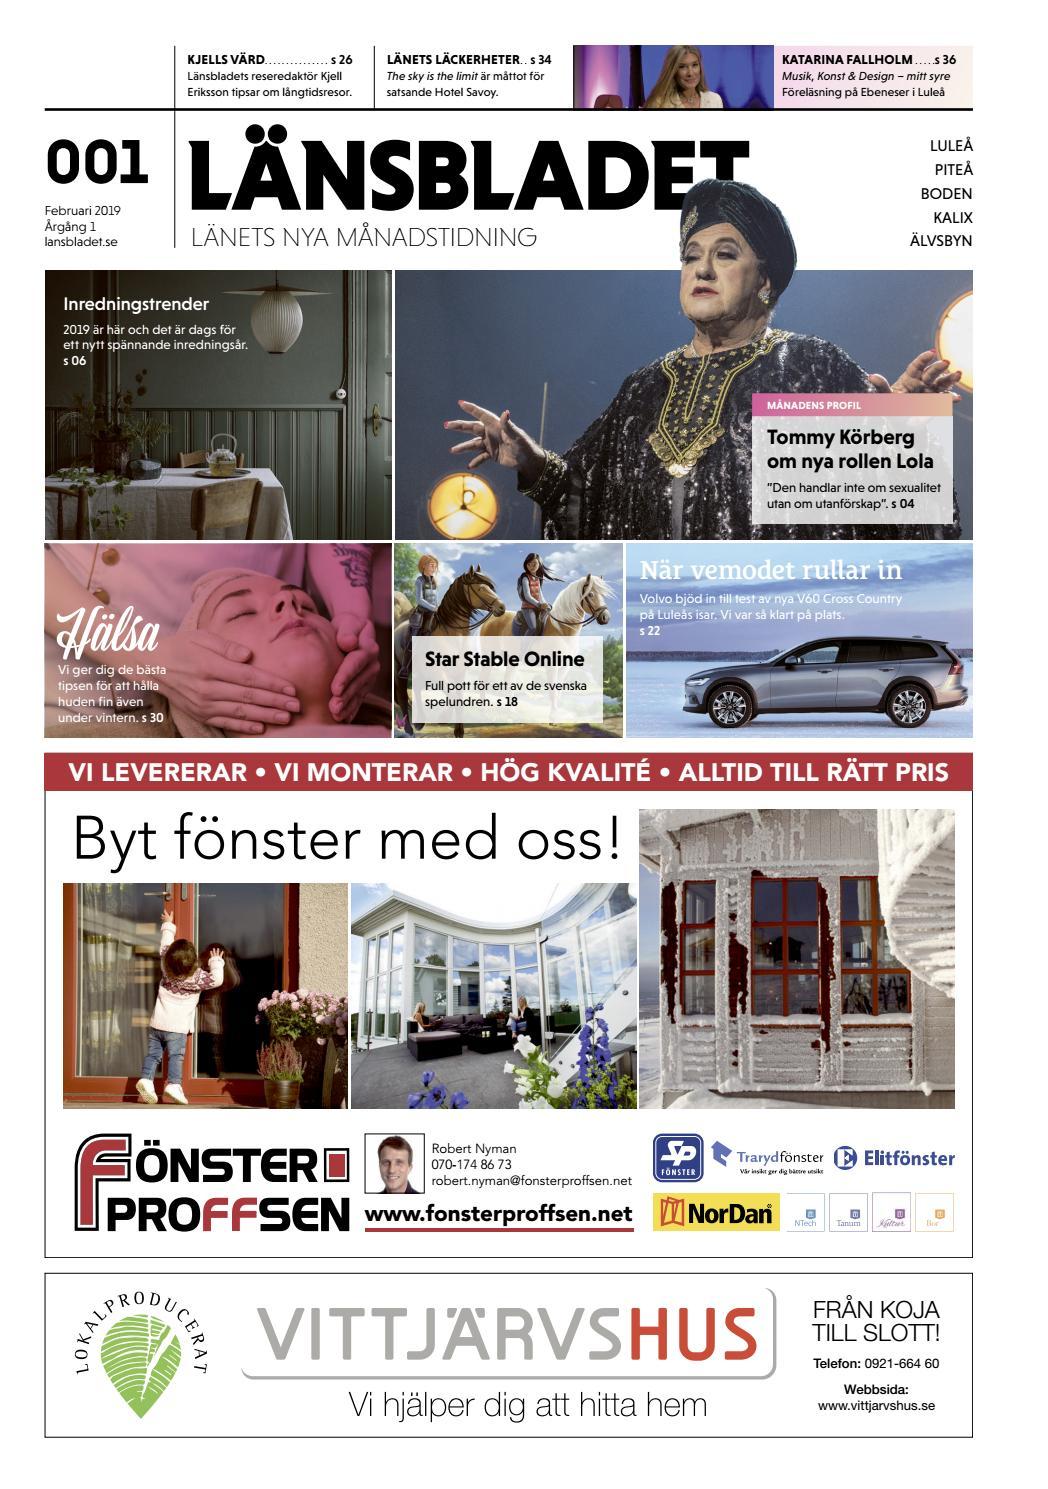 f93928596900 Länsbladet 001 - Piteå by lansbladet - issuu